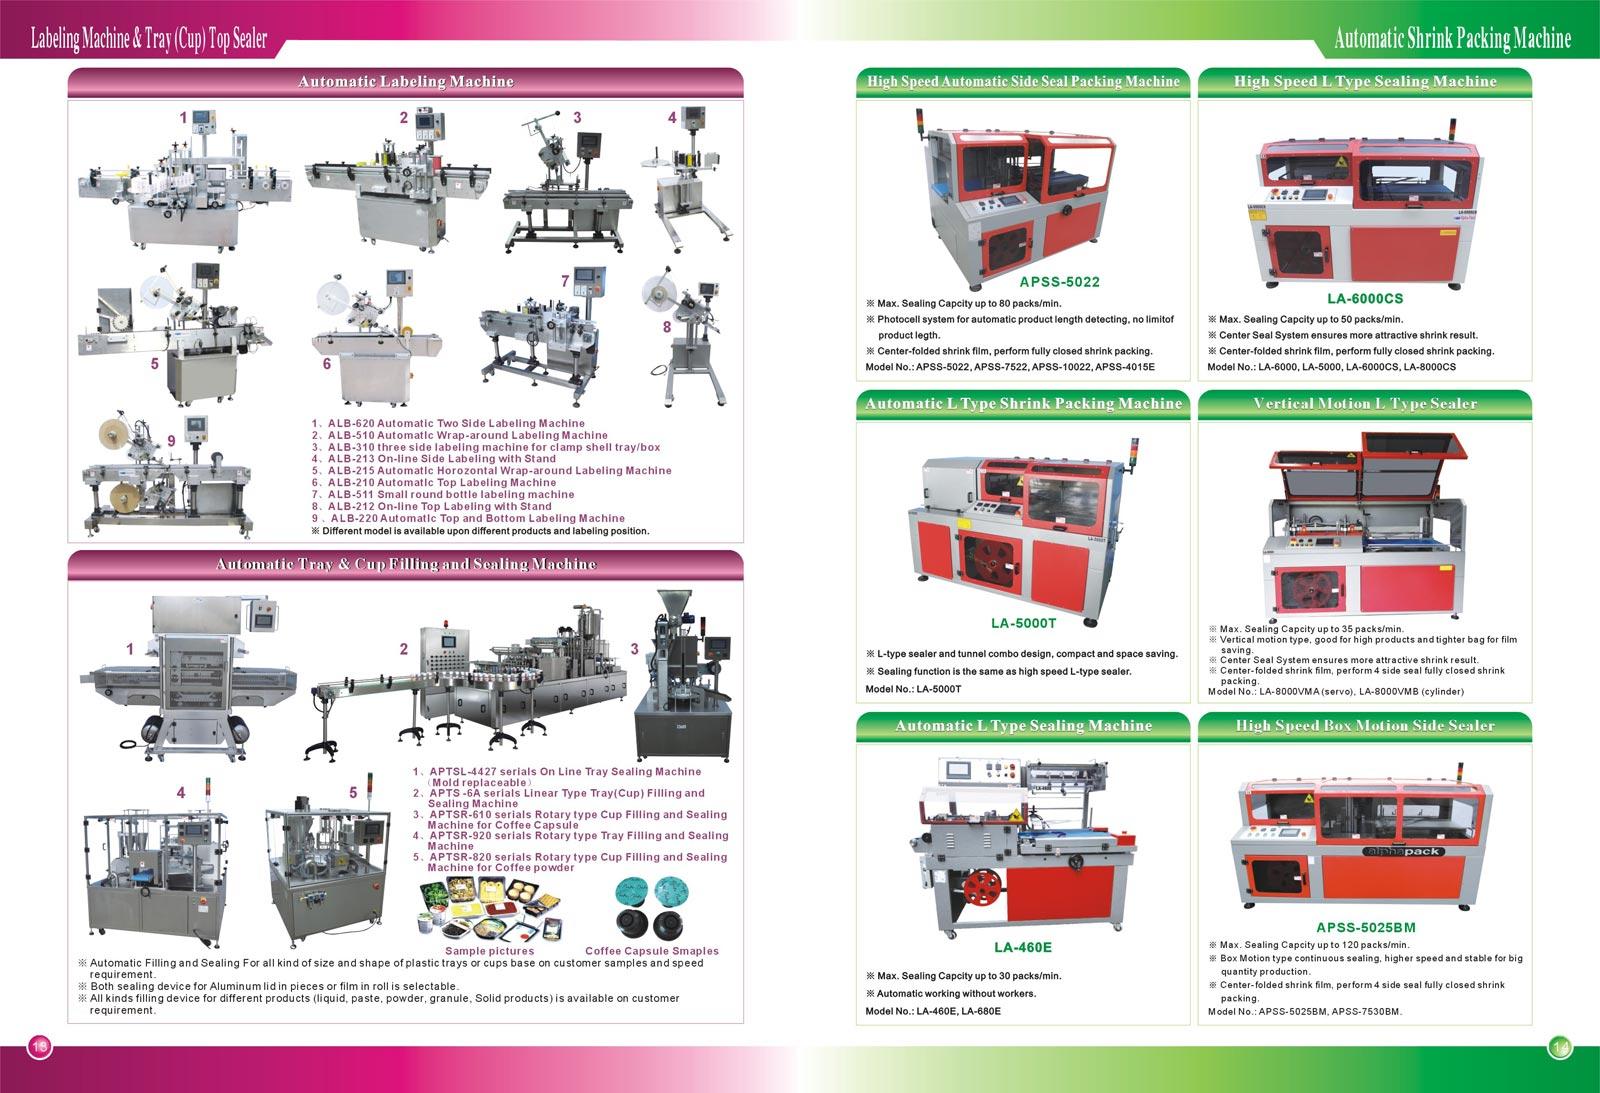 7-Markningsmaskiner